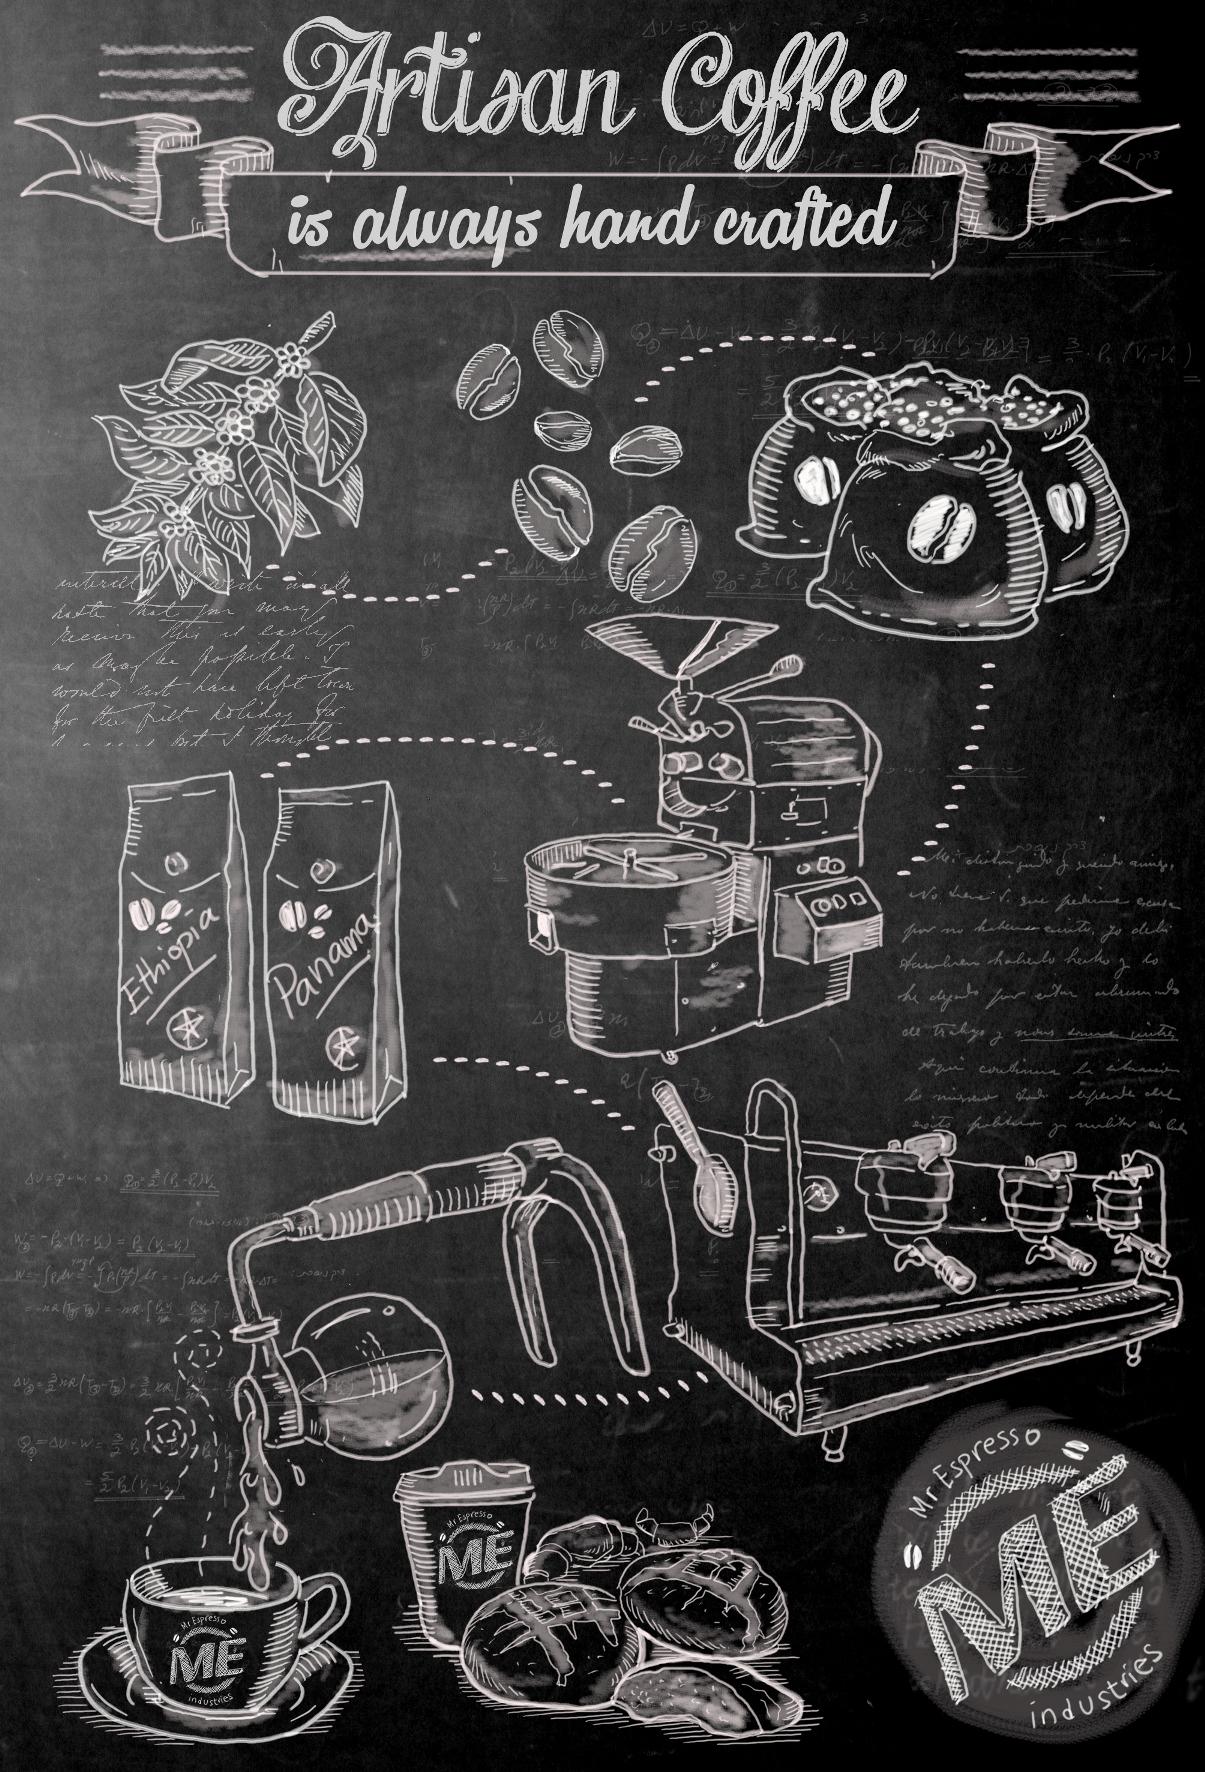 Pin by Jupey Gale on Coffee Chalkboard Art | Pinterest | Coffee ...